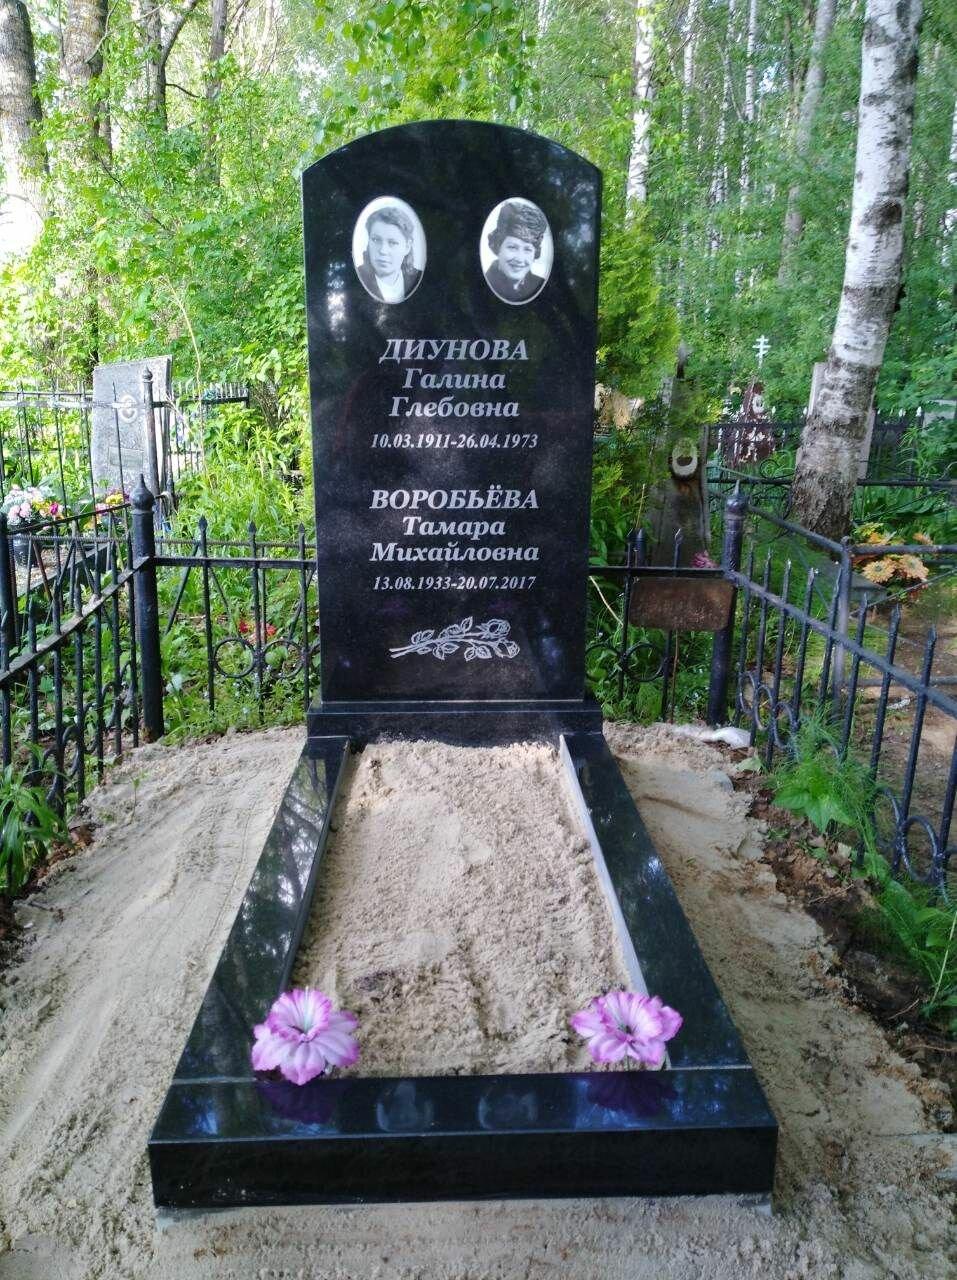 фотографии для памятника данила мастер один сотрудников